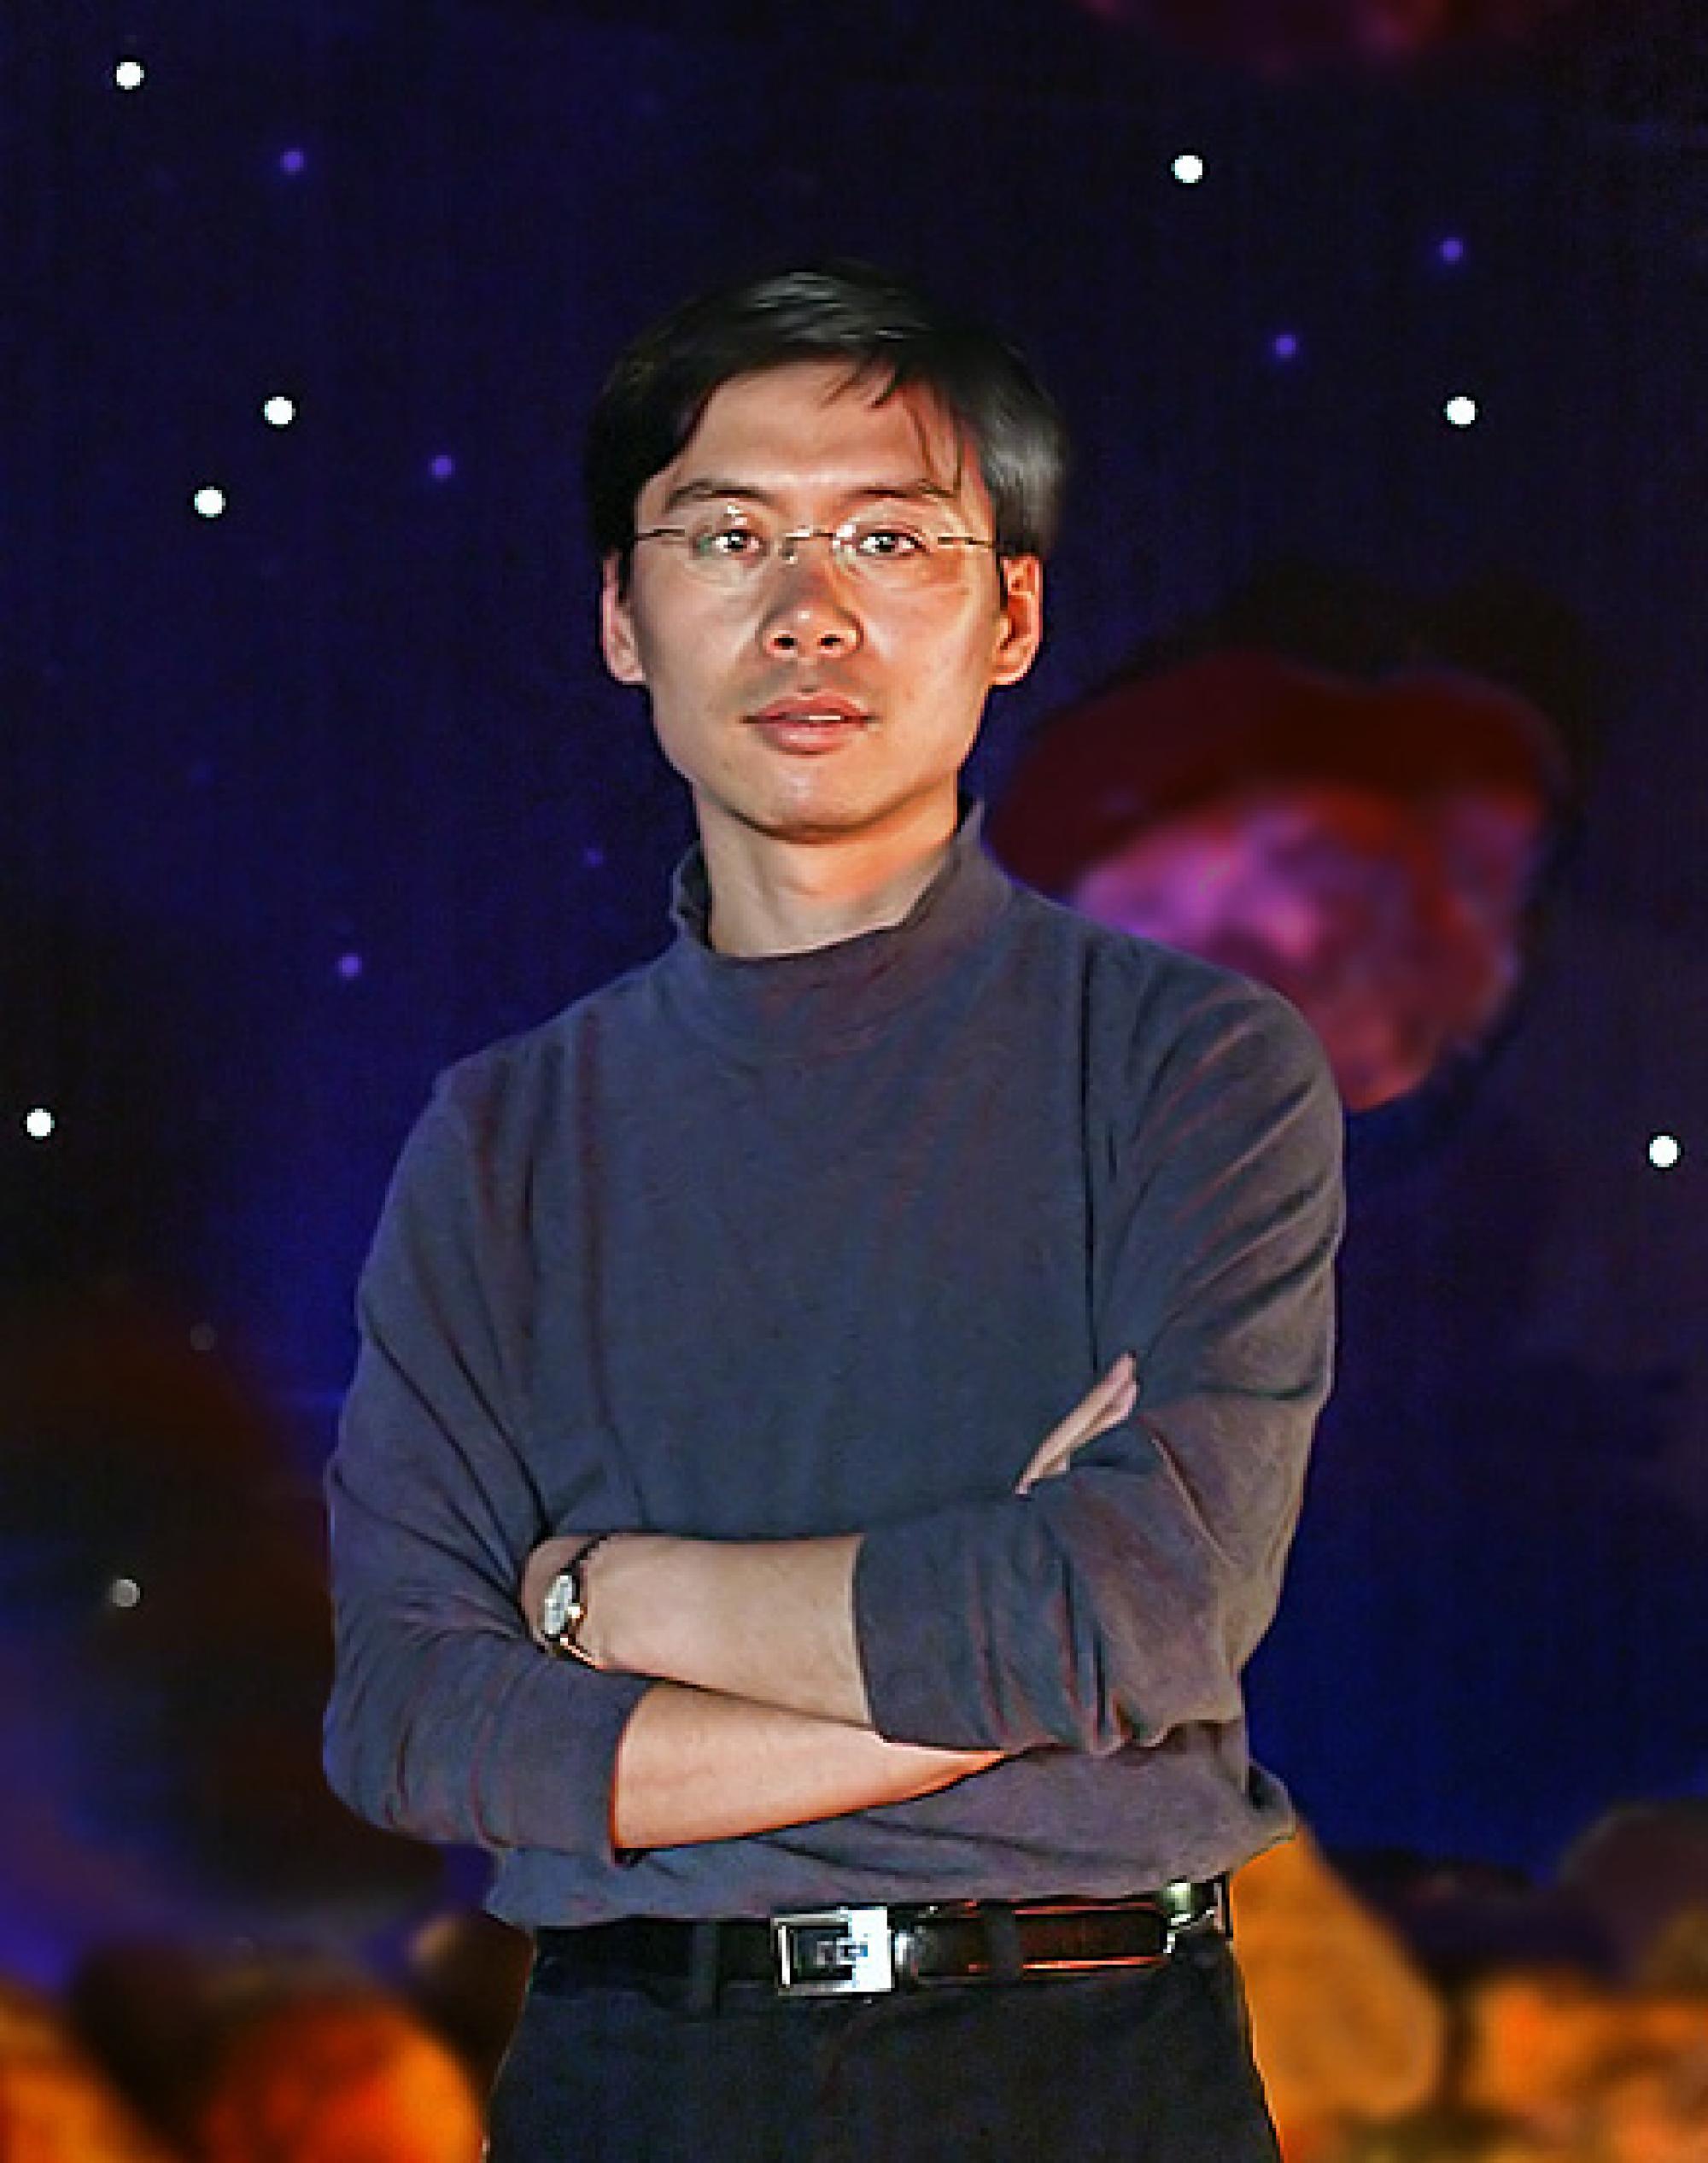 Xiaohui Fan